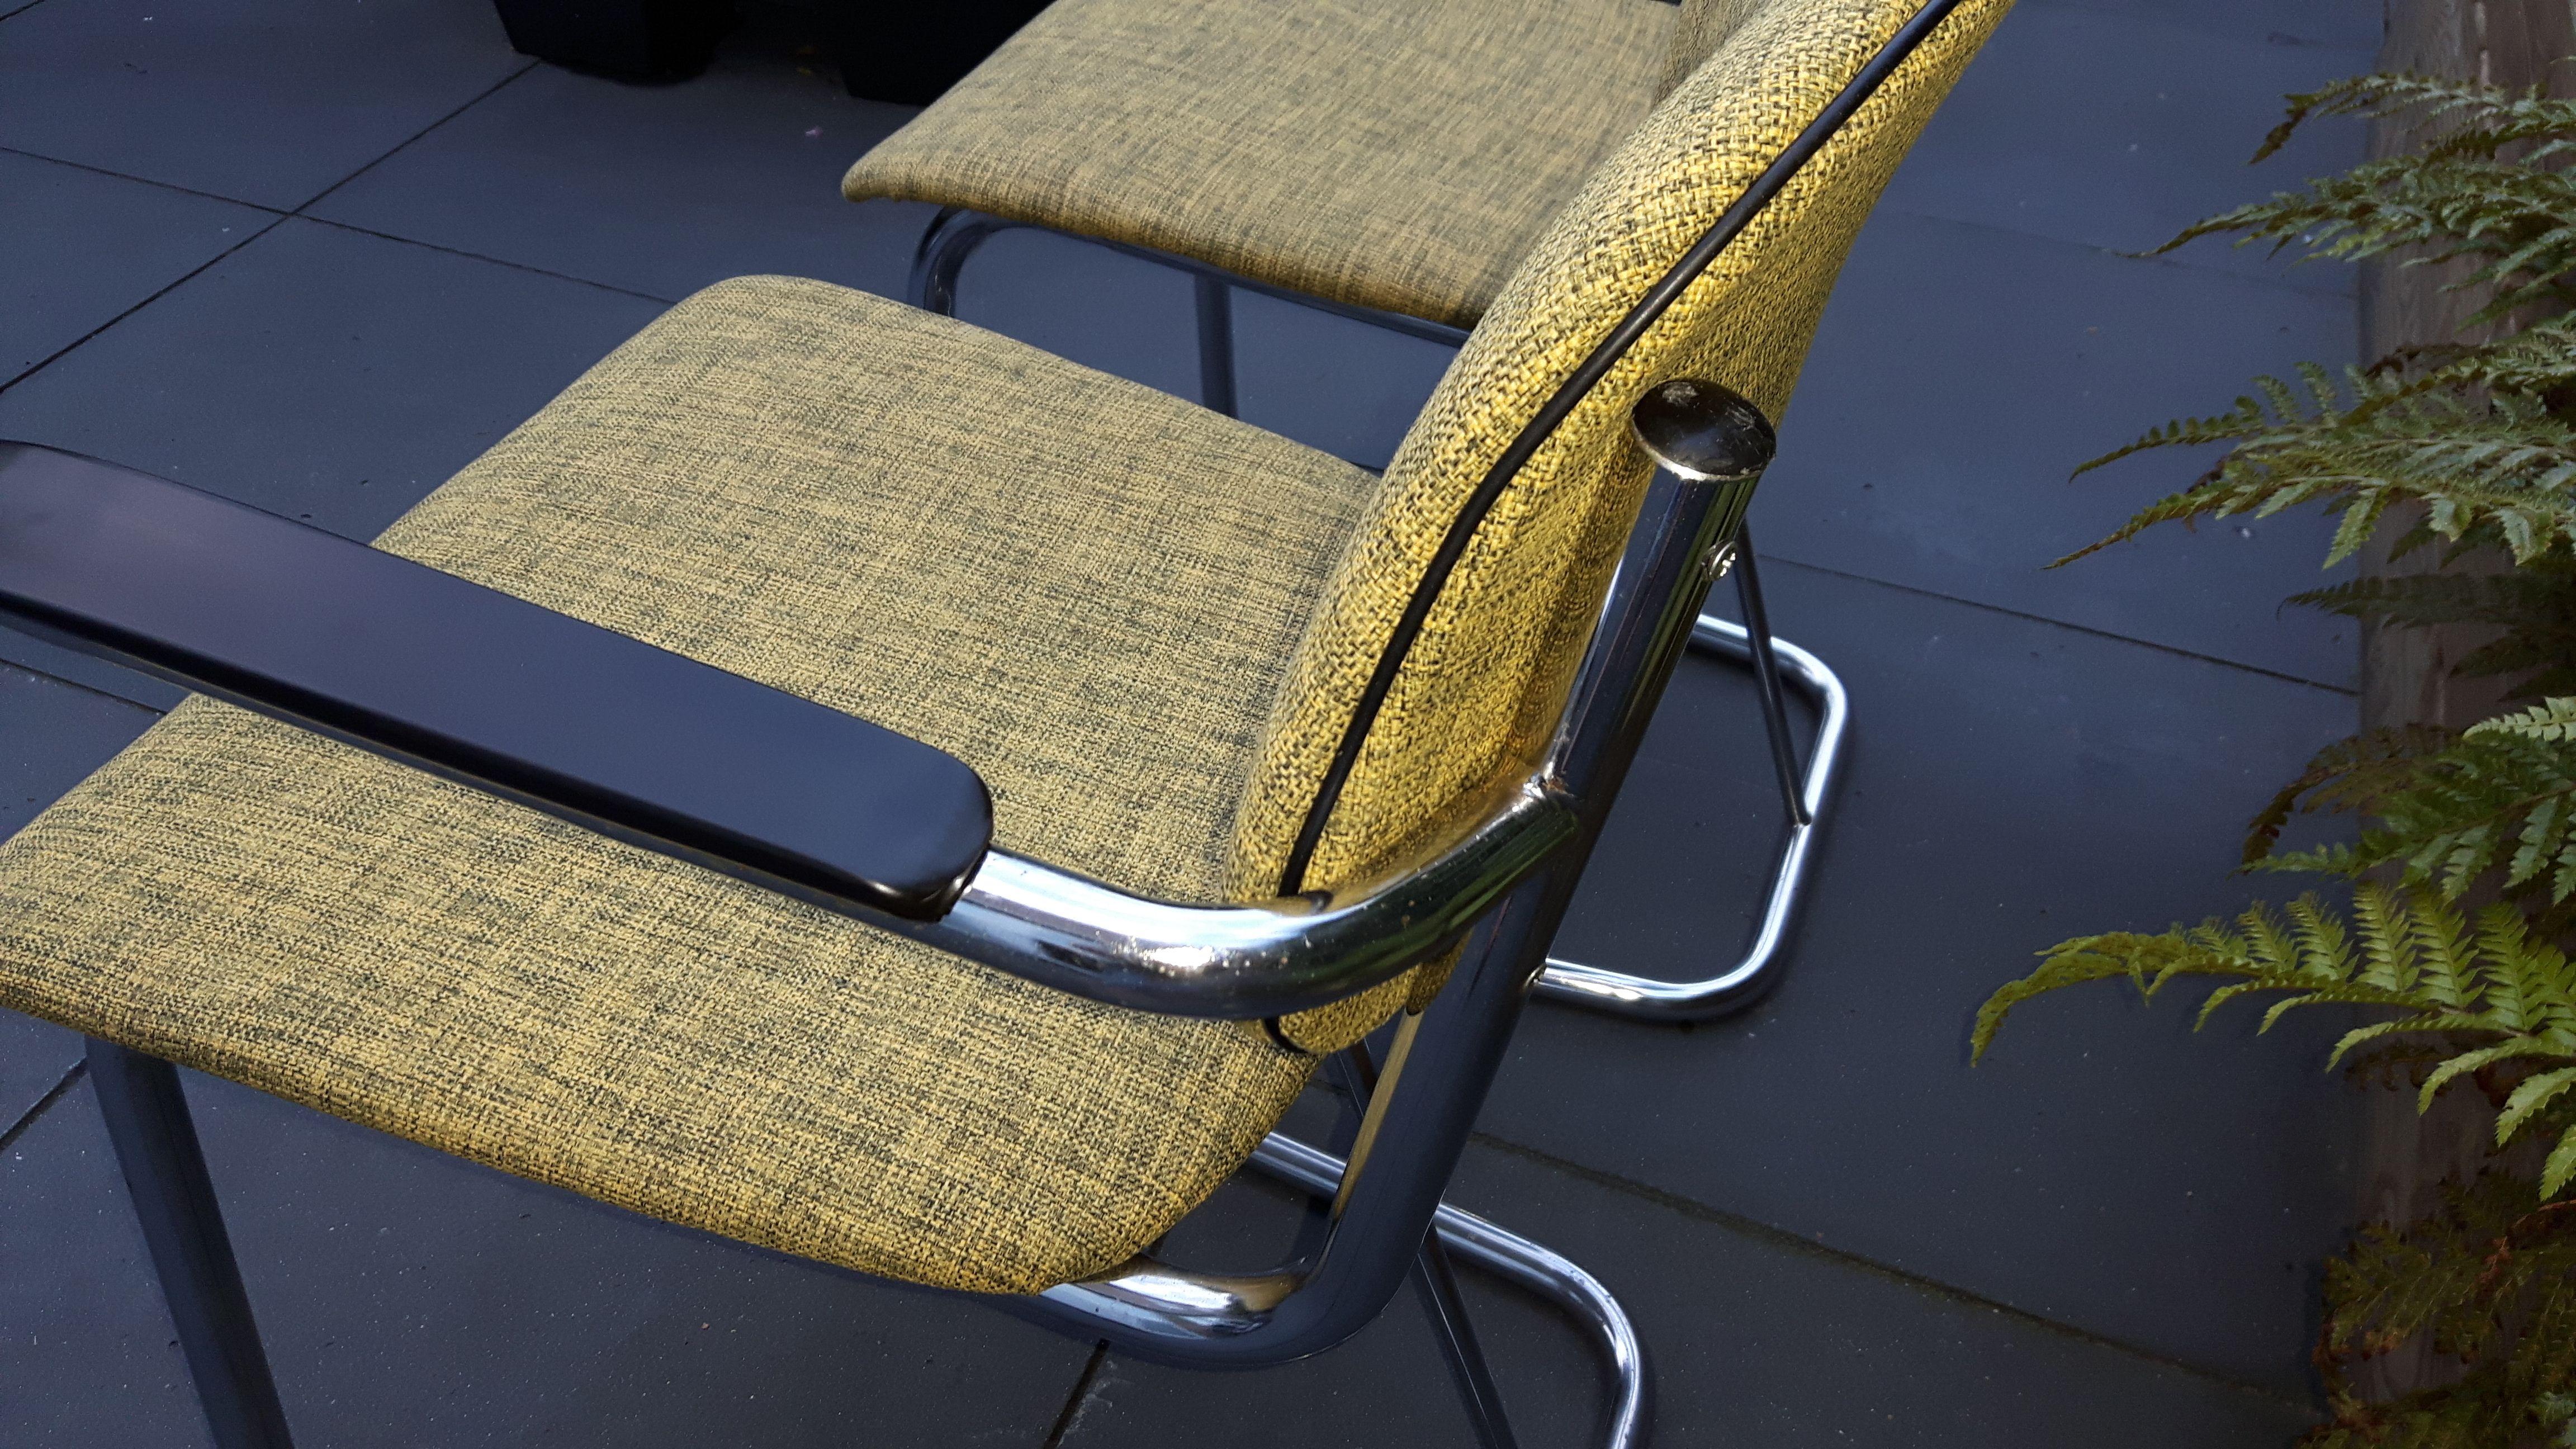 Zelf Stoel Stofferen : Zelf gispen stoelen stofferen stoelen pinterest stoelen